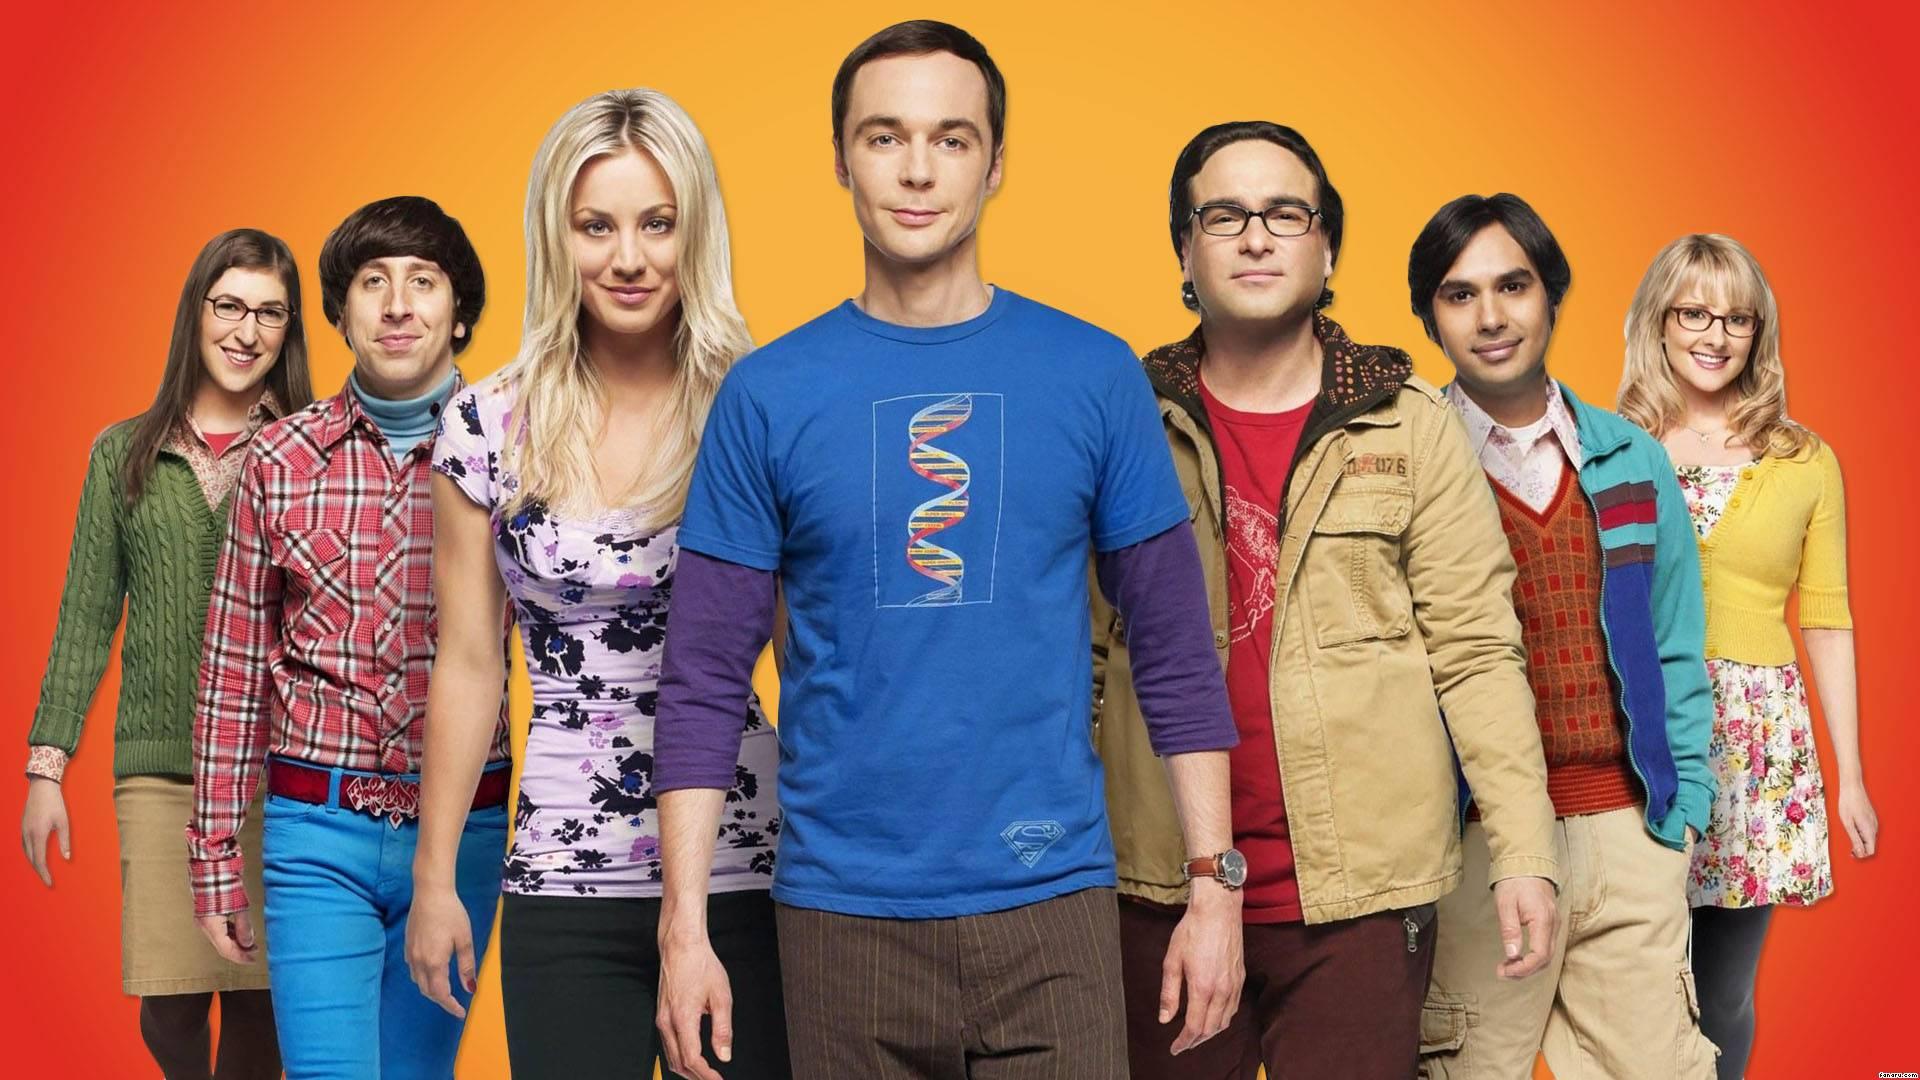 Equipe da série 'The Big Bang theory' dará bolsa de estudo em universidade